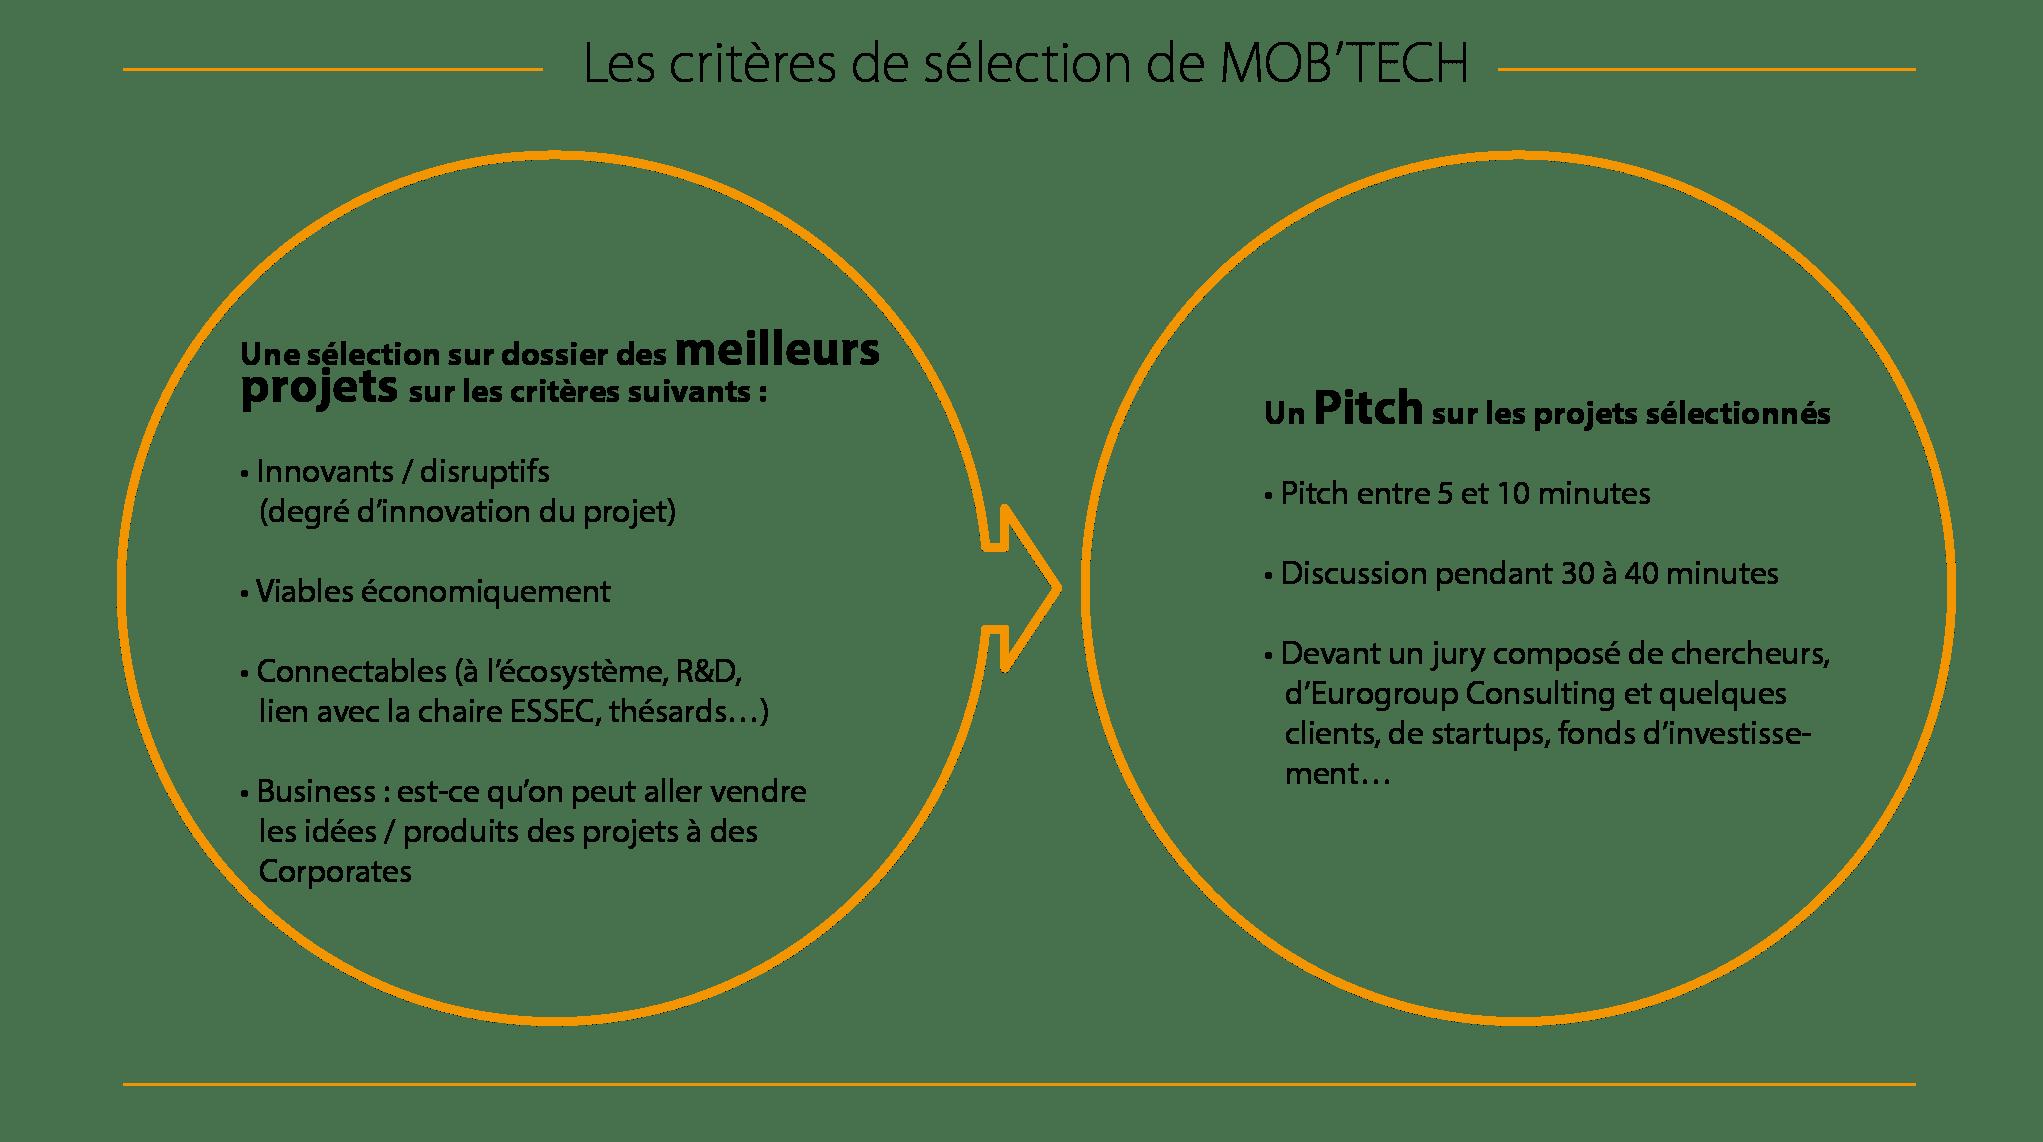 Les critères de sélection de MOB'TECH